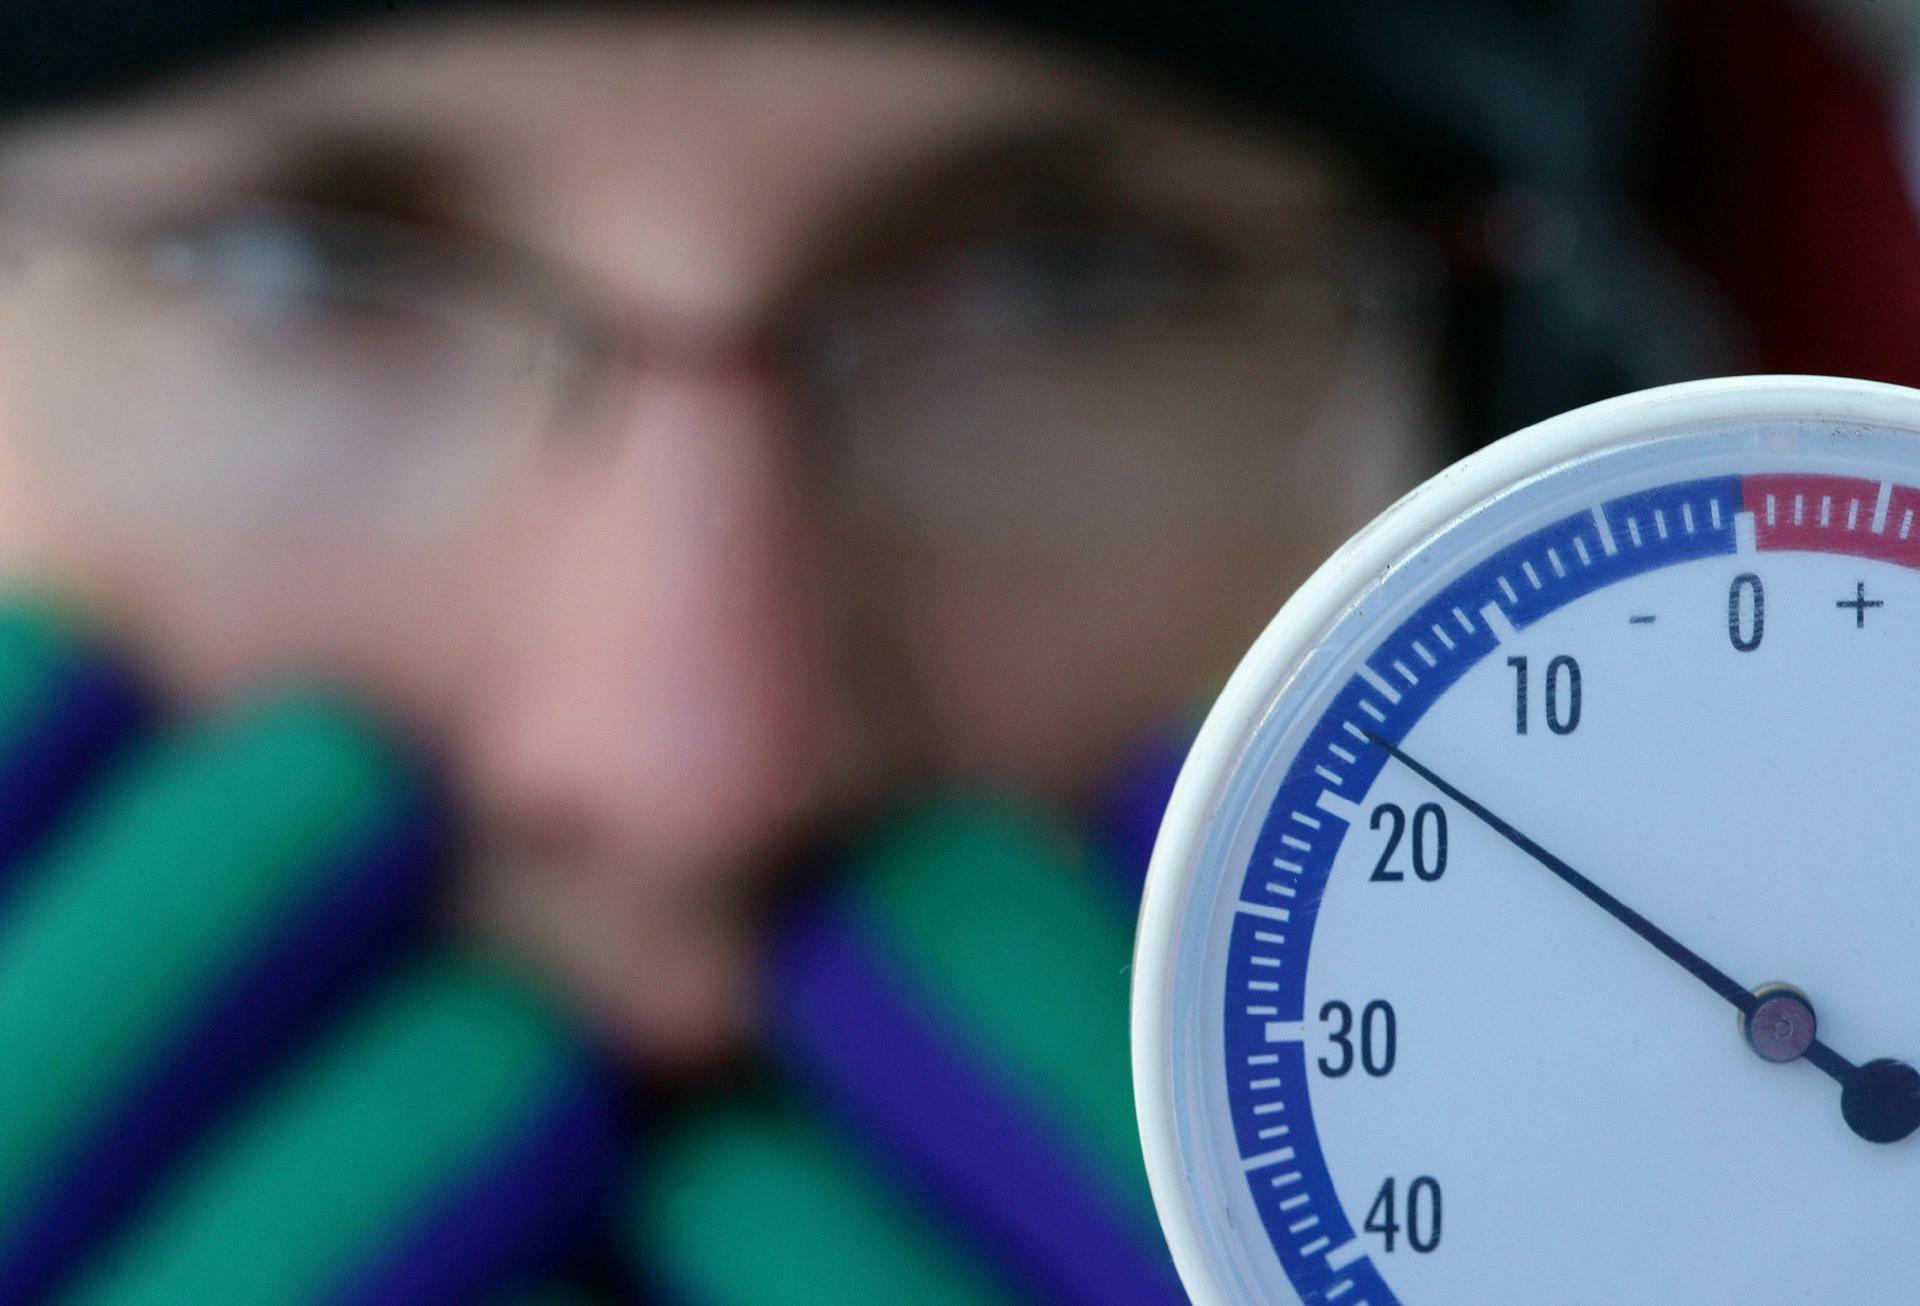 Klimaunterschiede Wo Liegen Der Heißeste Und Kälteste Ort Der Welt